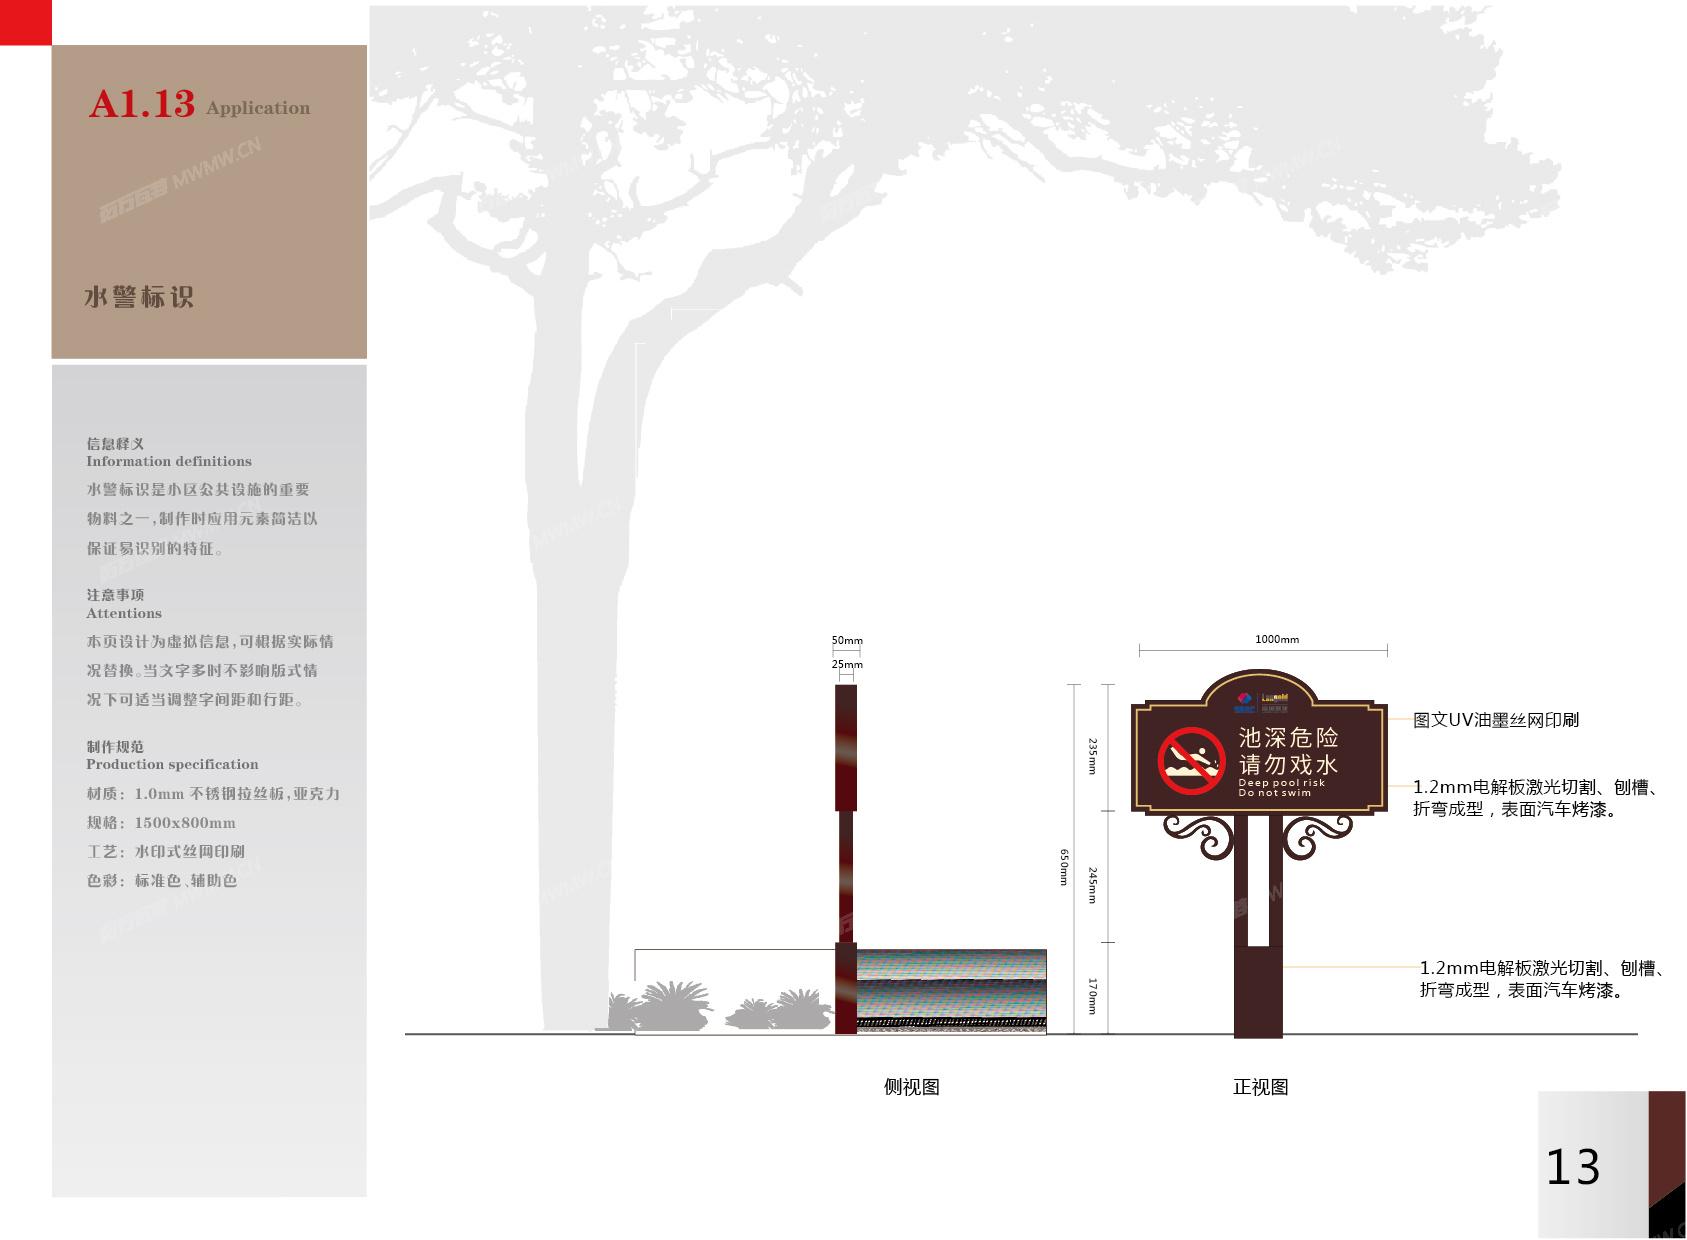 泷悦华府环境导视系统设计方案3.0cs520180112-03.jpg